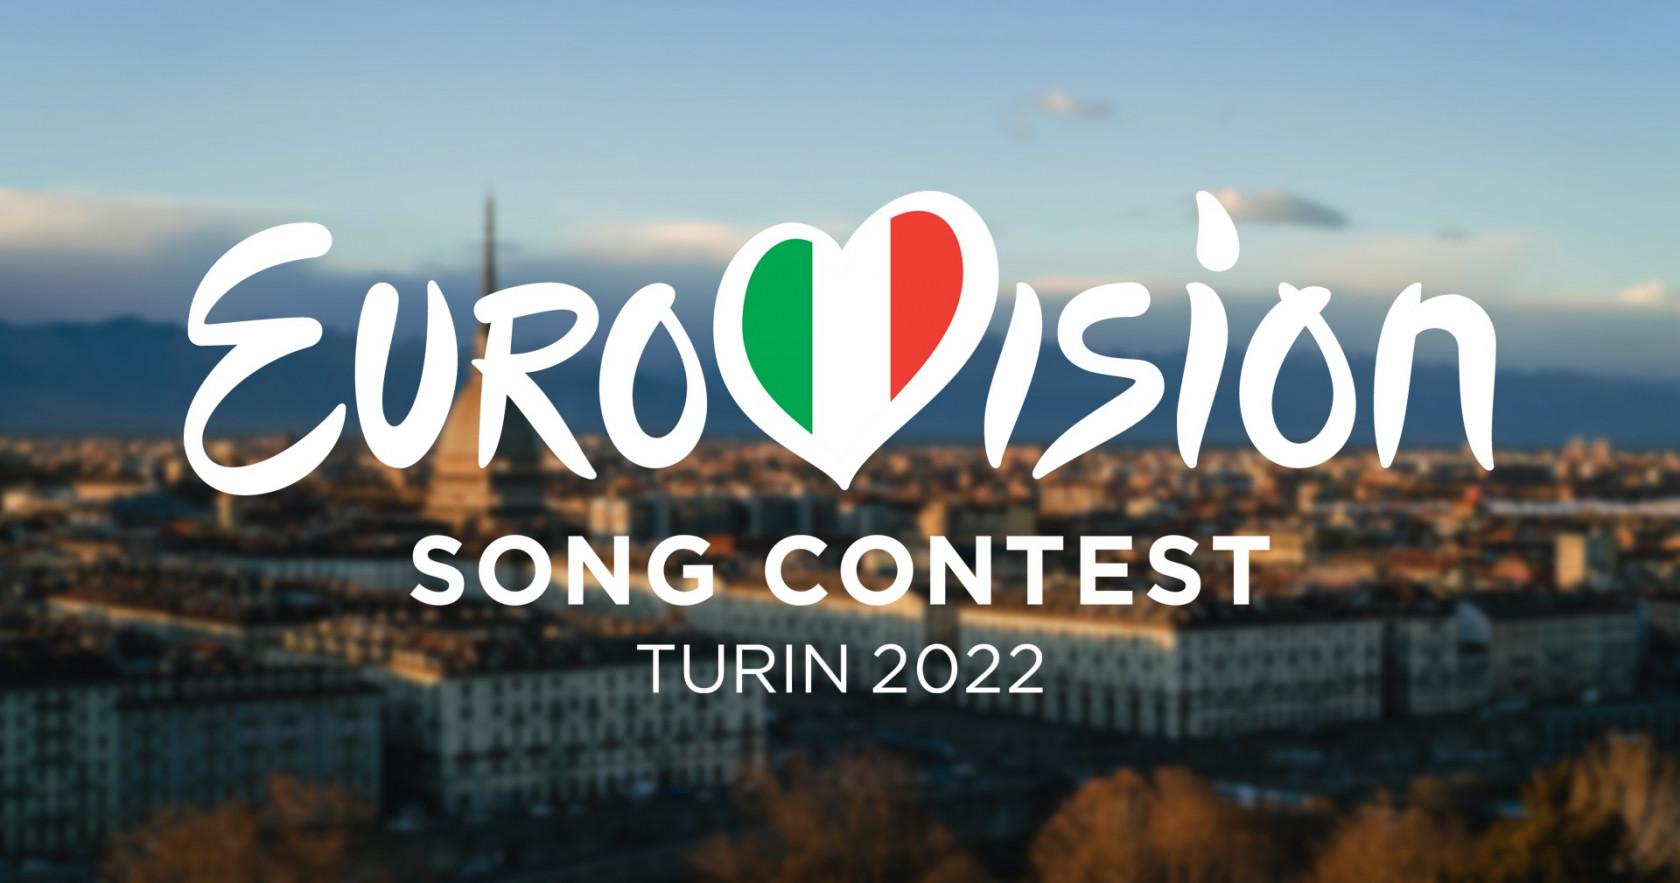 Torino, sede del 66esimo Eurovision Song Contest a Maggio 2022 su Rai 1